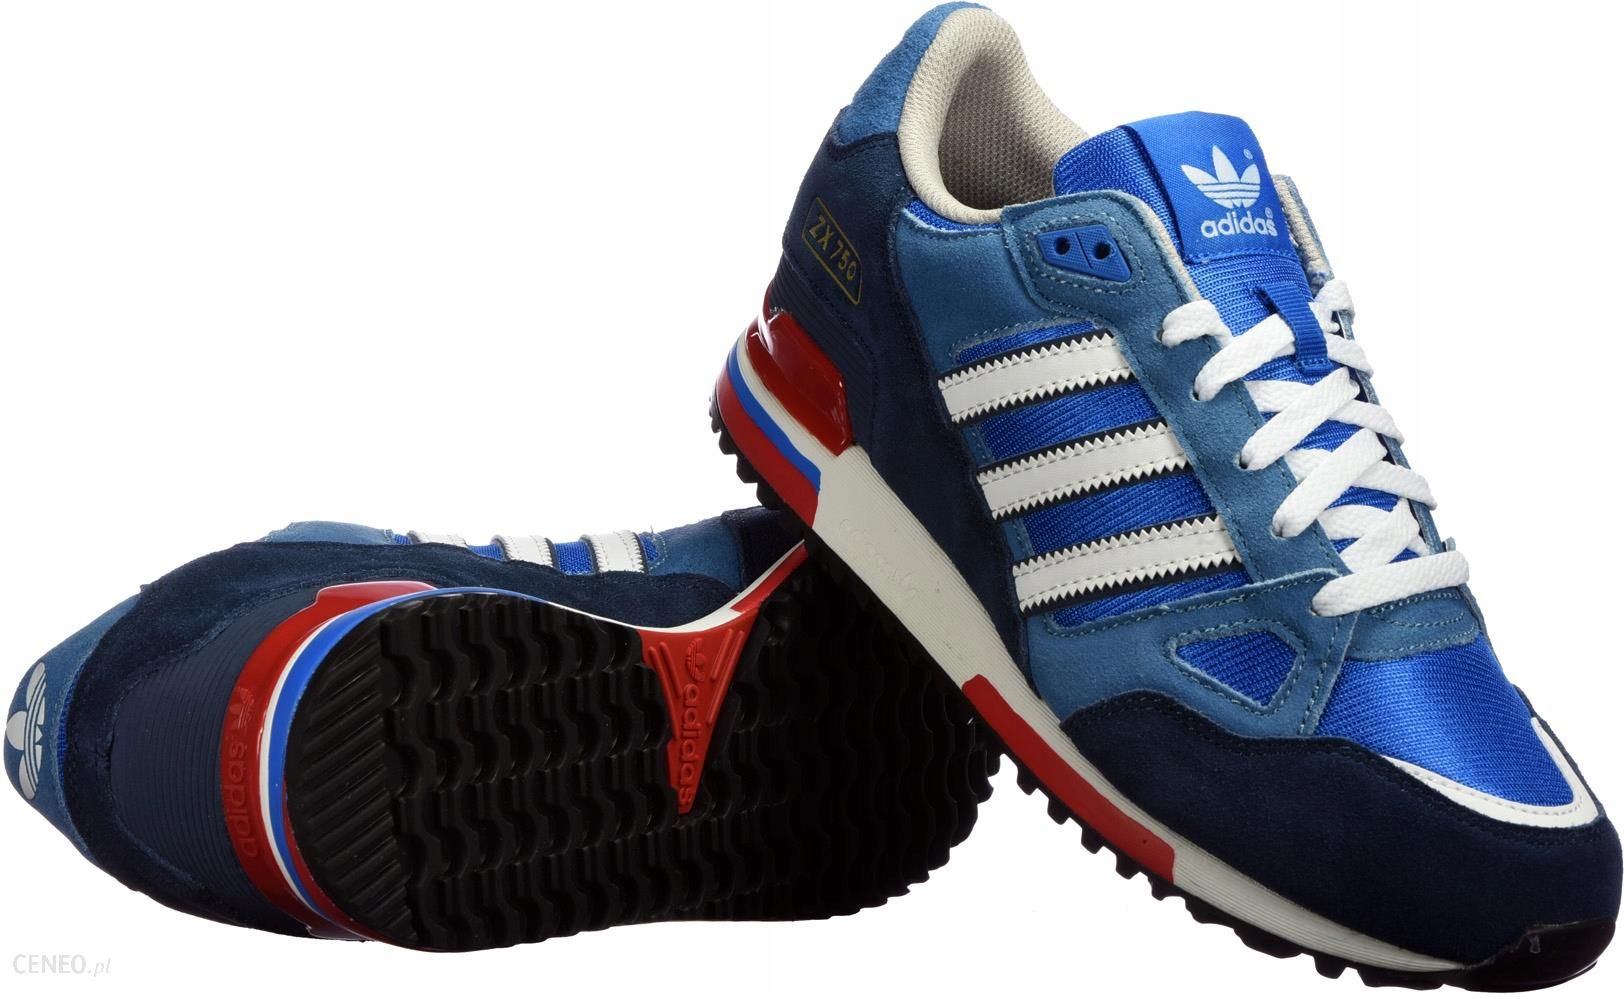 Buty M?skie Adidas Zx 750 G96718 Nieb. R?ne Rozm. Ceny i opinie Ceneo.pl